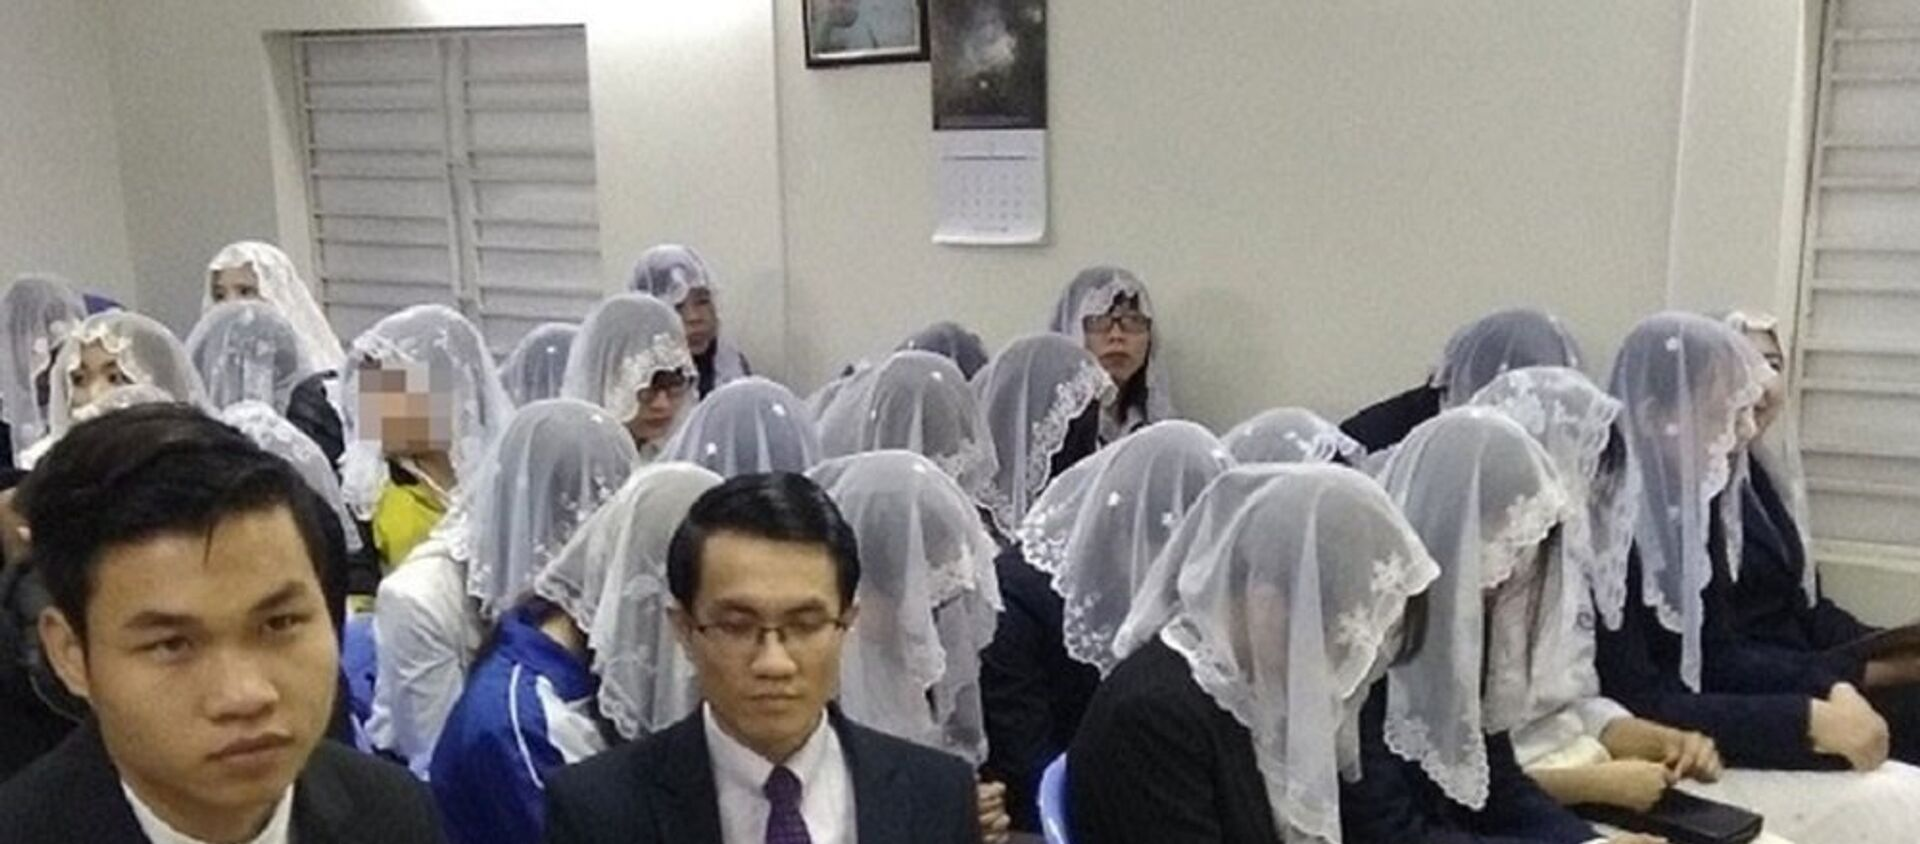 """""""Hội thánh của Đức Chúa Trời"""" hoạt động trái phép - Sputnik Việt Nam, 1920, 28.06.2018"""